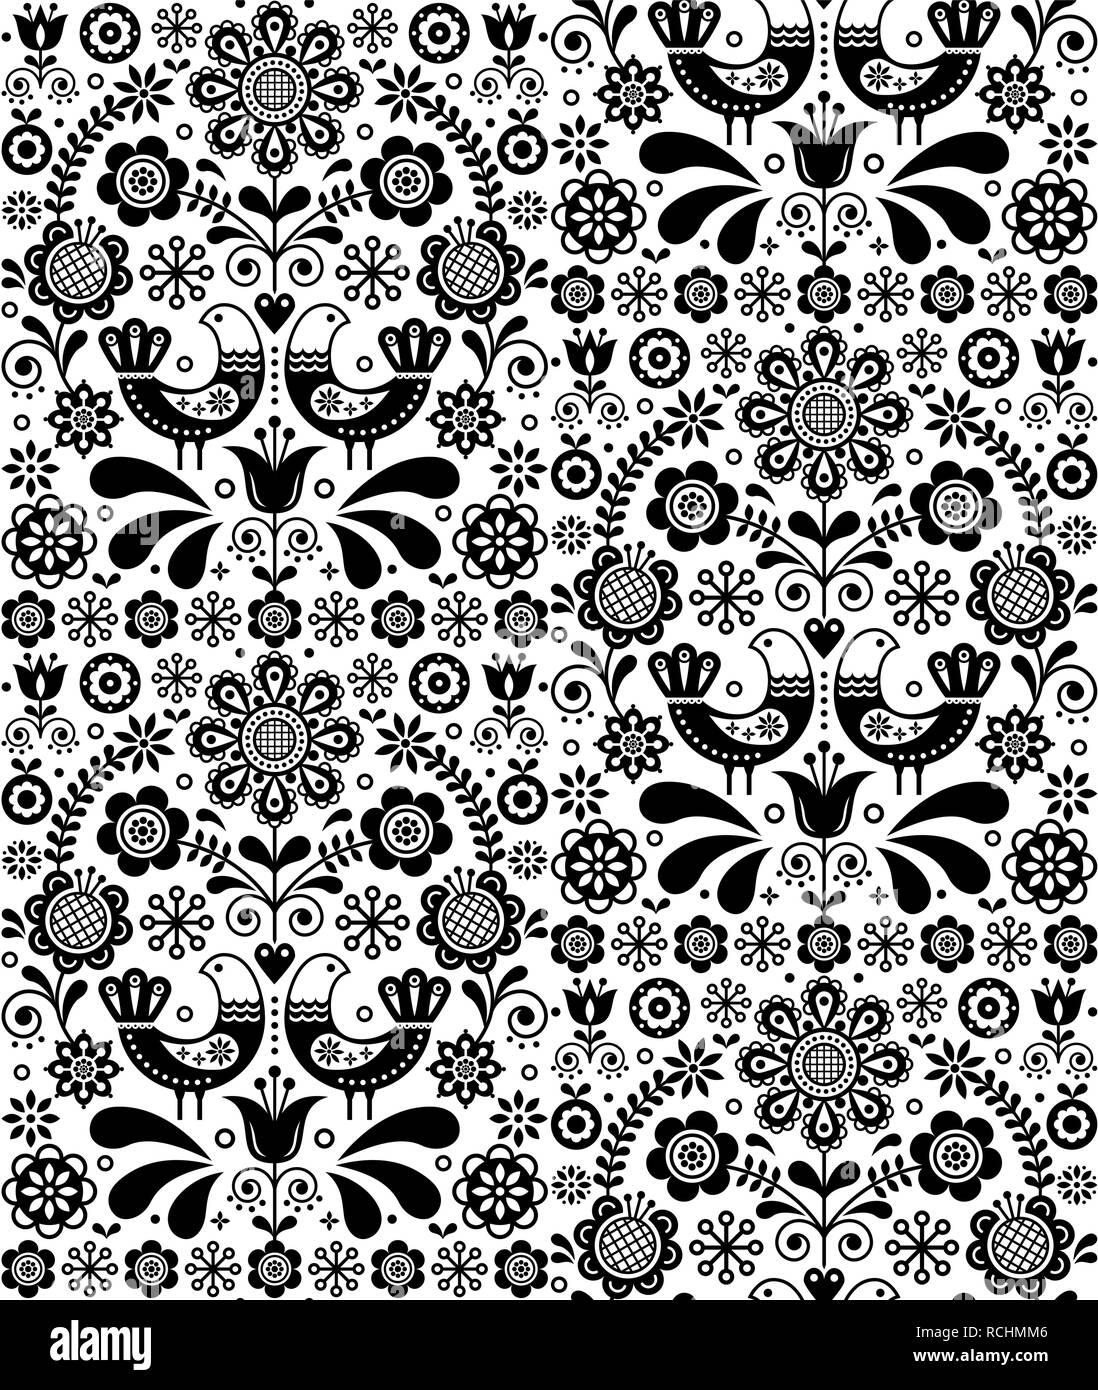 Scandinavian perfetta di arte popolare modello di vettore, floral background ripetitivi con uccelli e fiori, ornamento monocromatica. Decorazione floreale parete etnica Immagini Stock